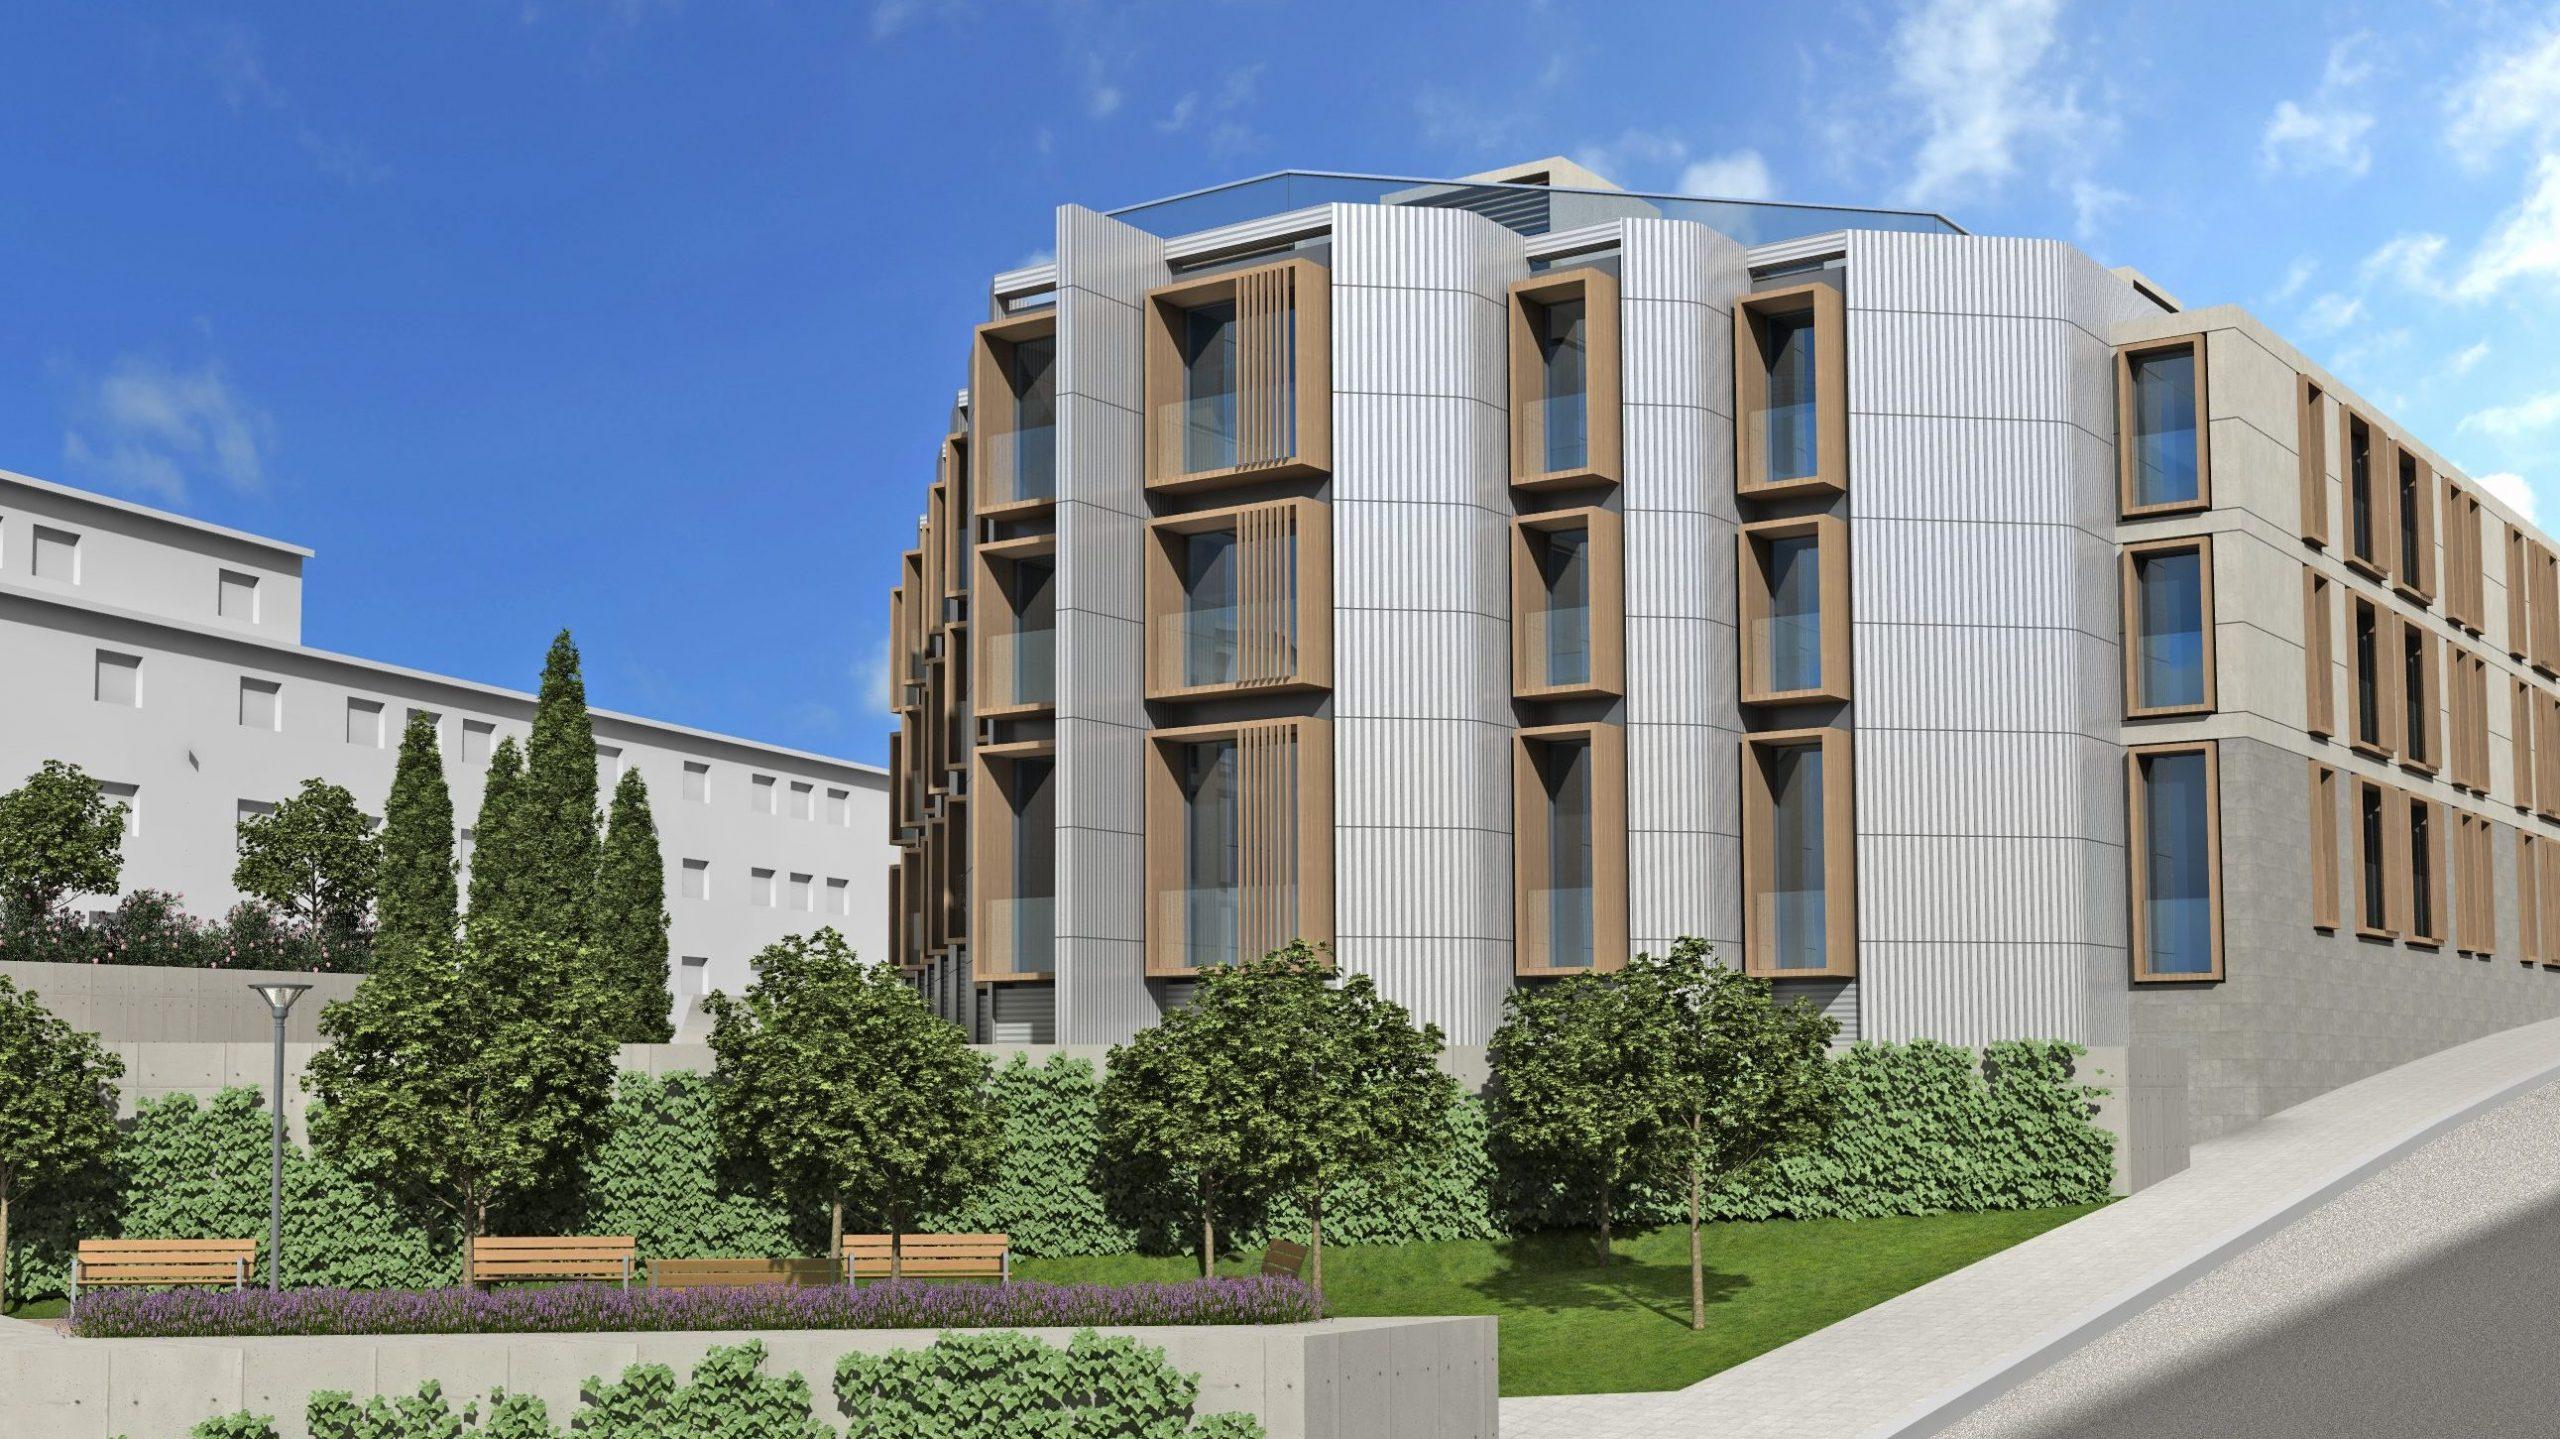 Render del concurso de arquitectura para Aliseda en Pozuelo de Alarcón. Acabado final del edificio y los exteriores.